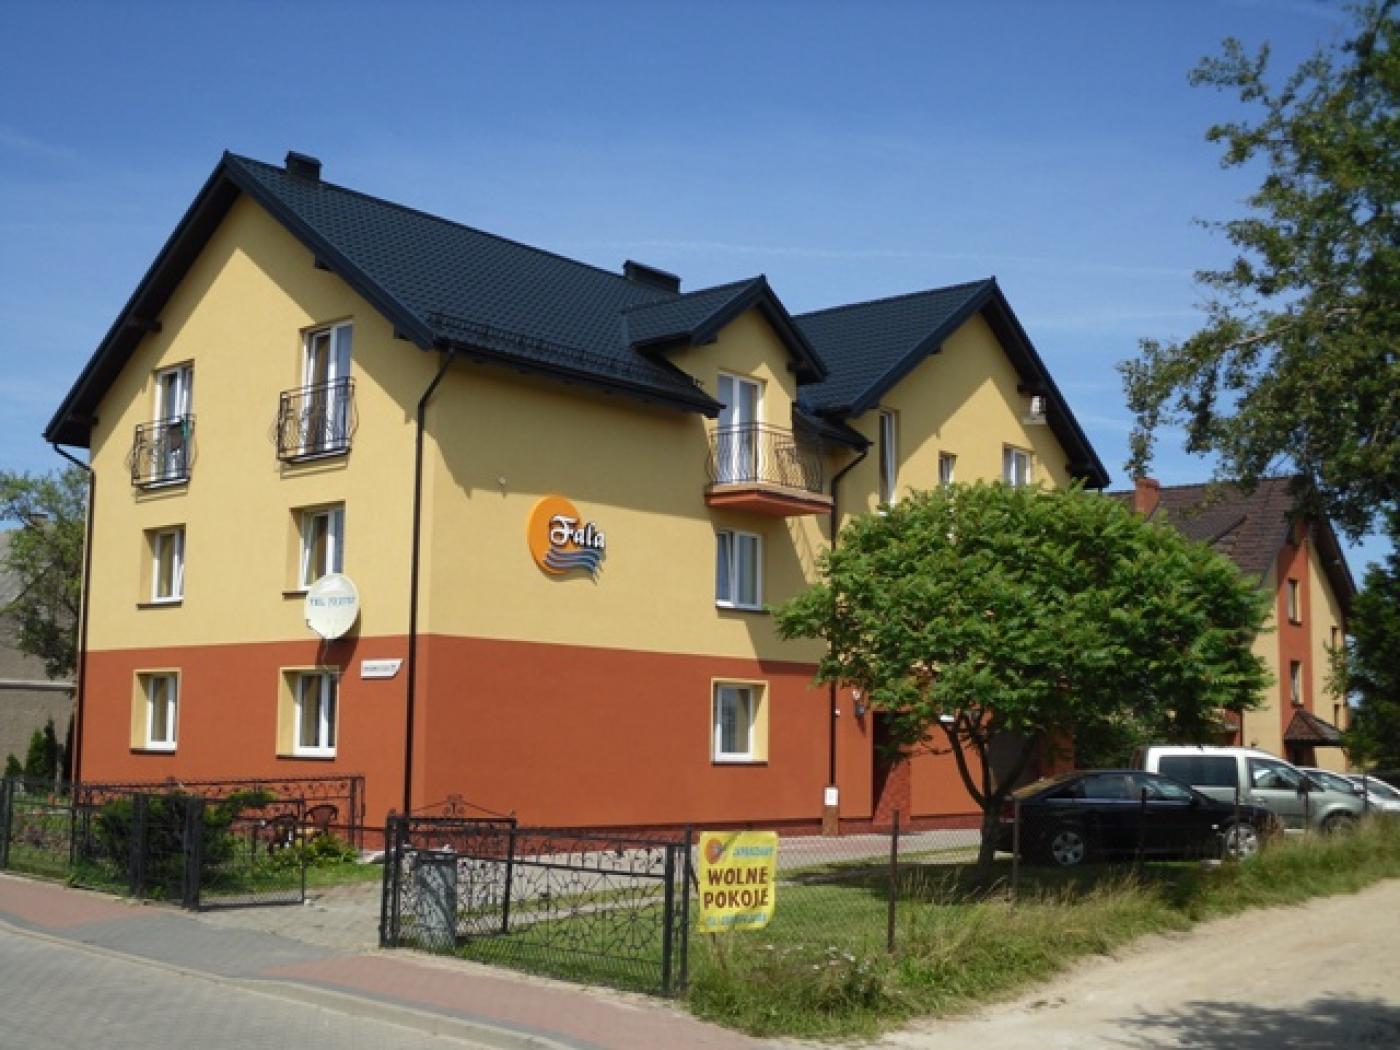 noclegi | Władysławowo | nadmorze.pl